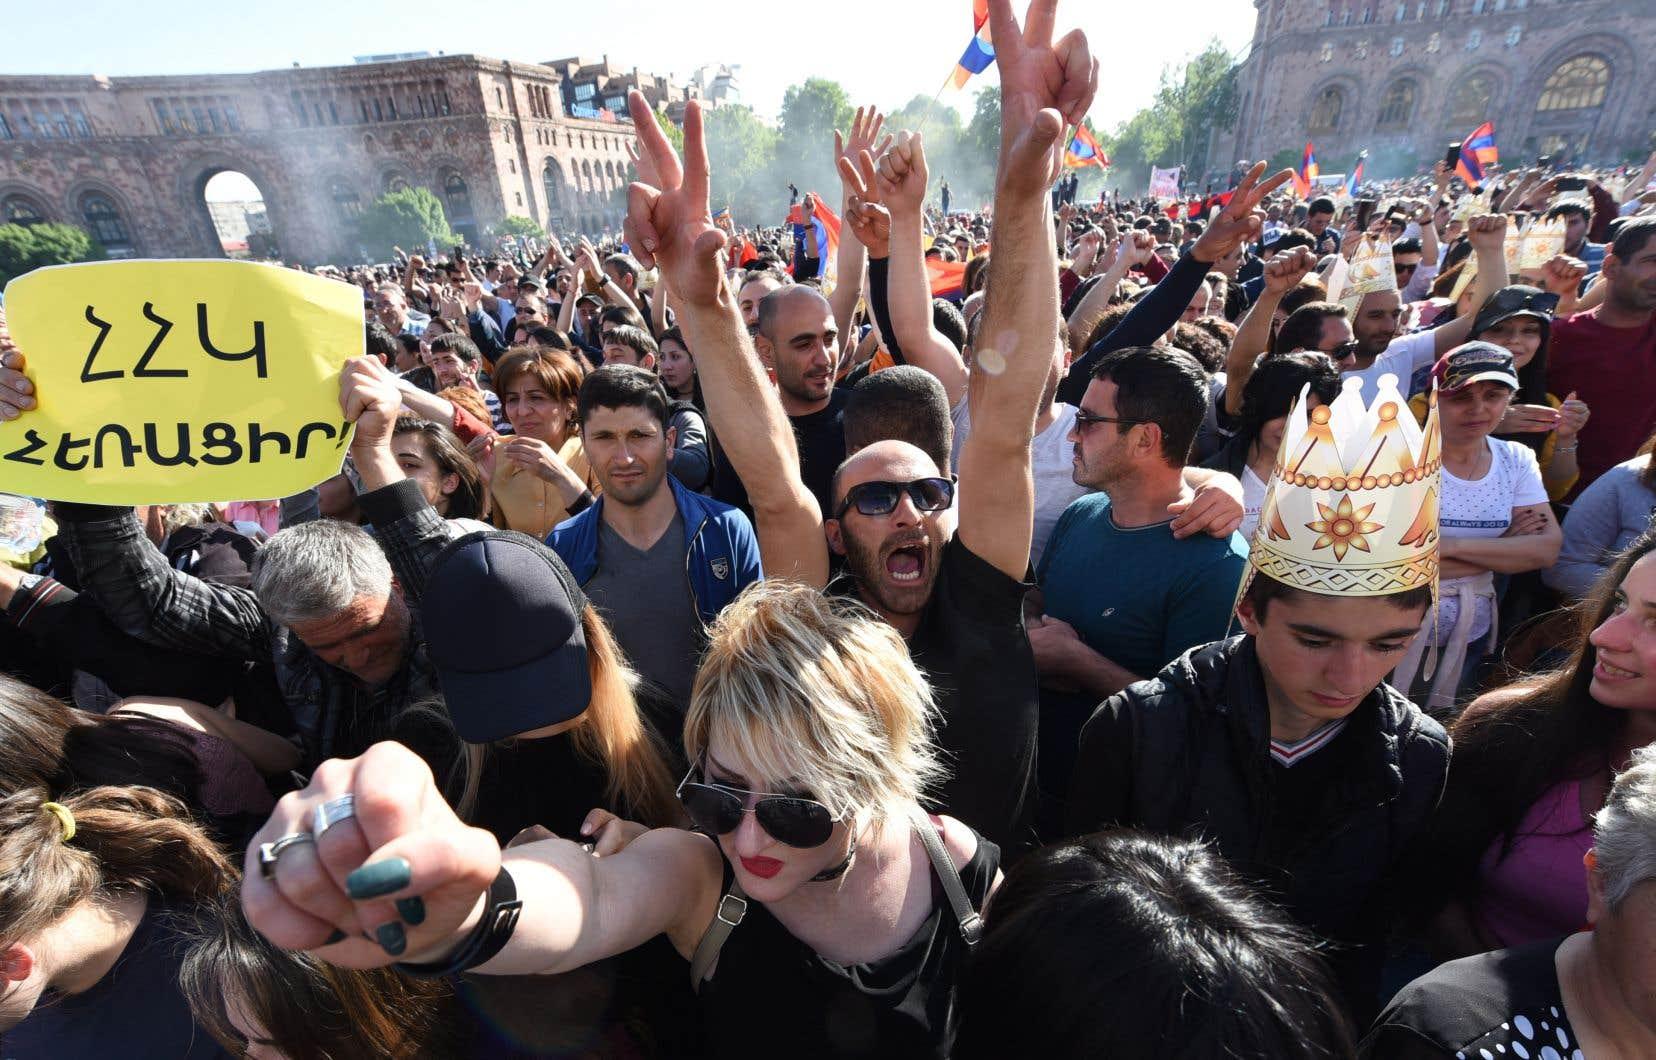 Des dizaines de milliers de manifestants se sont réunis mercredi sur la place de la République à Erevan, haut lieu de la contestation anti-Sarkissian.